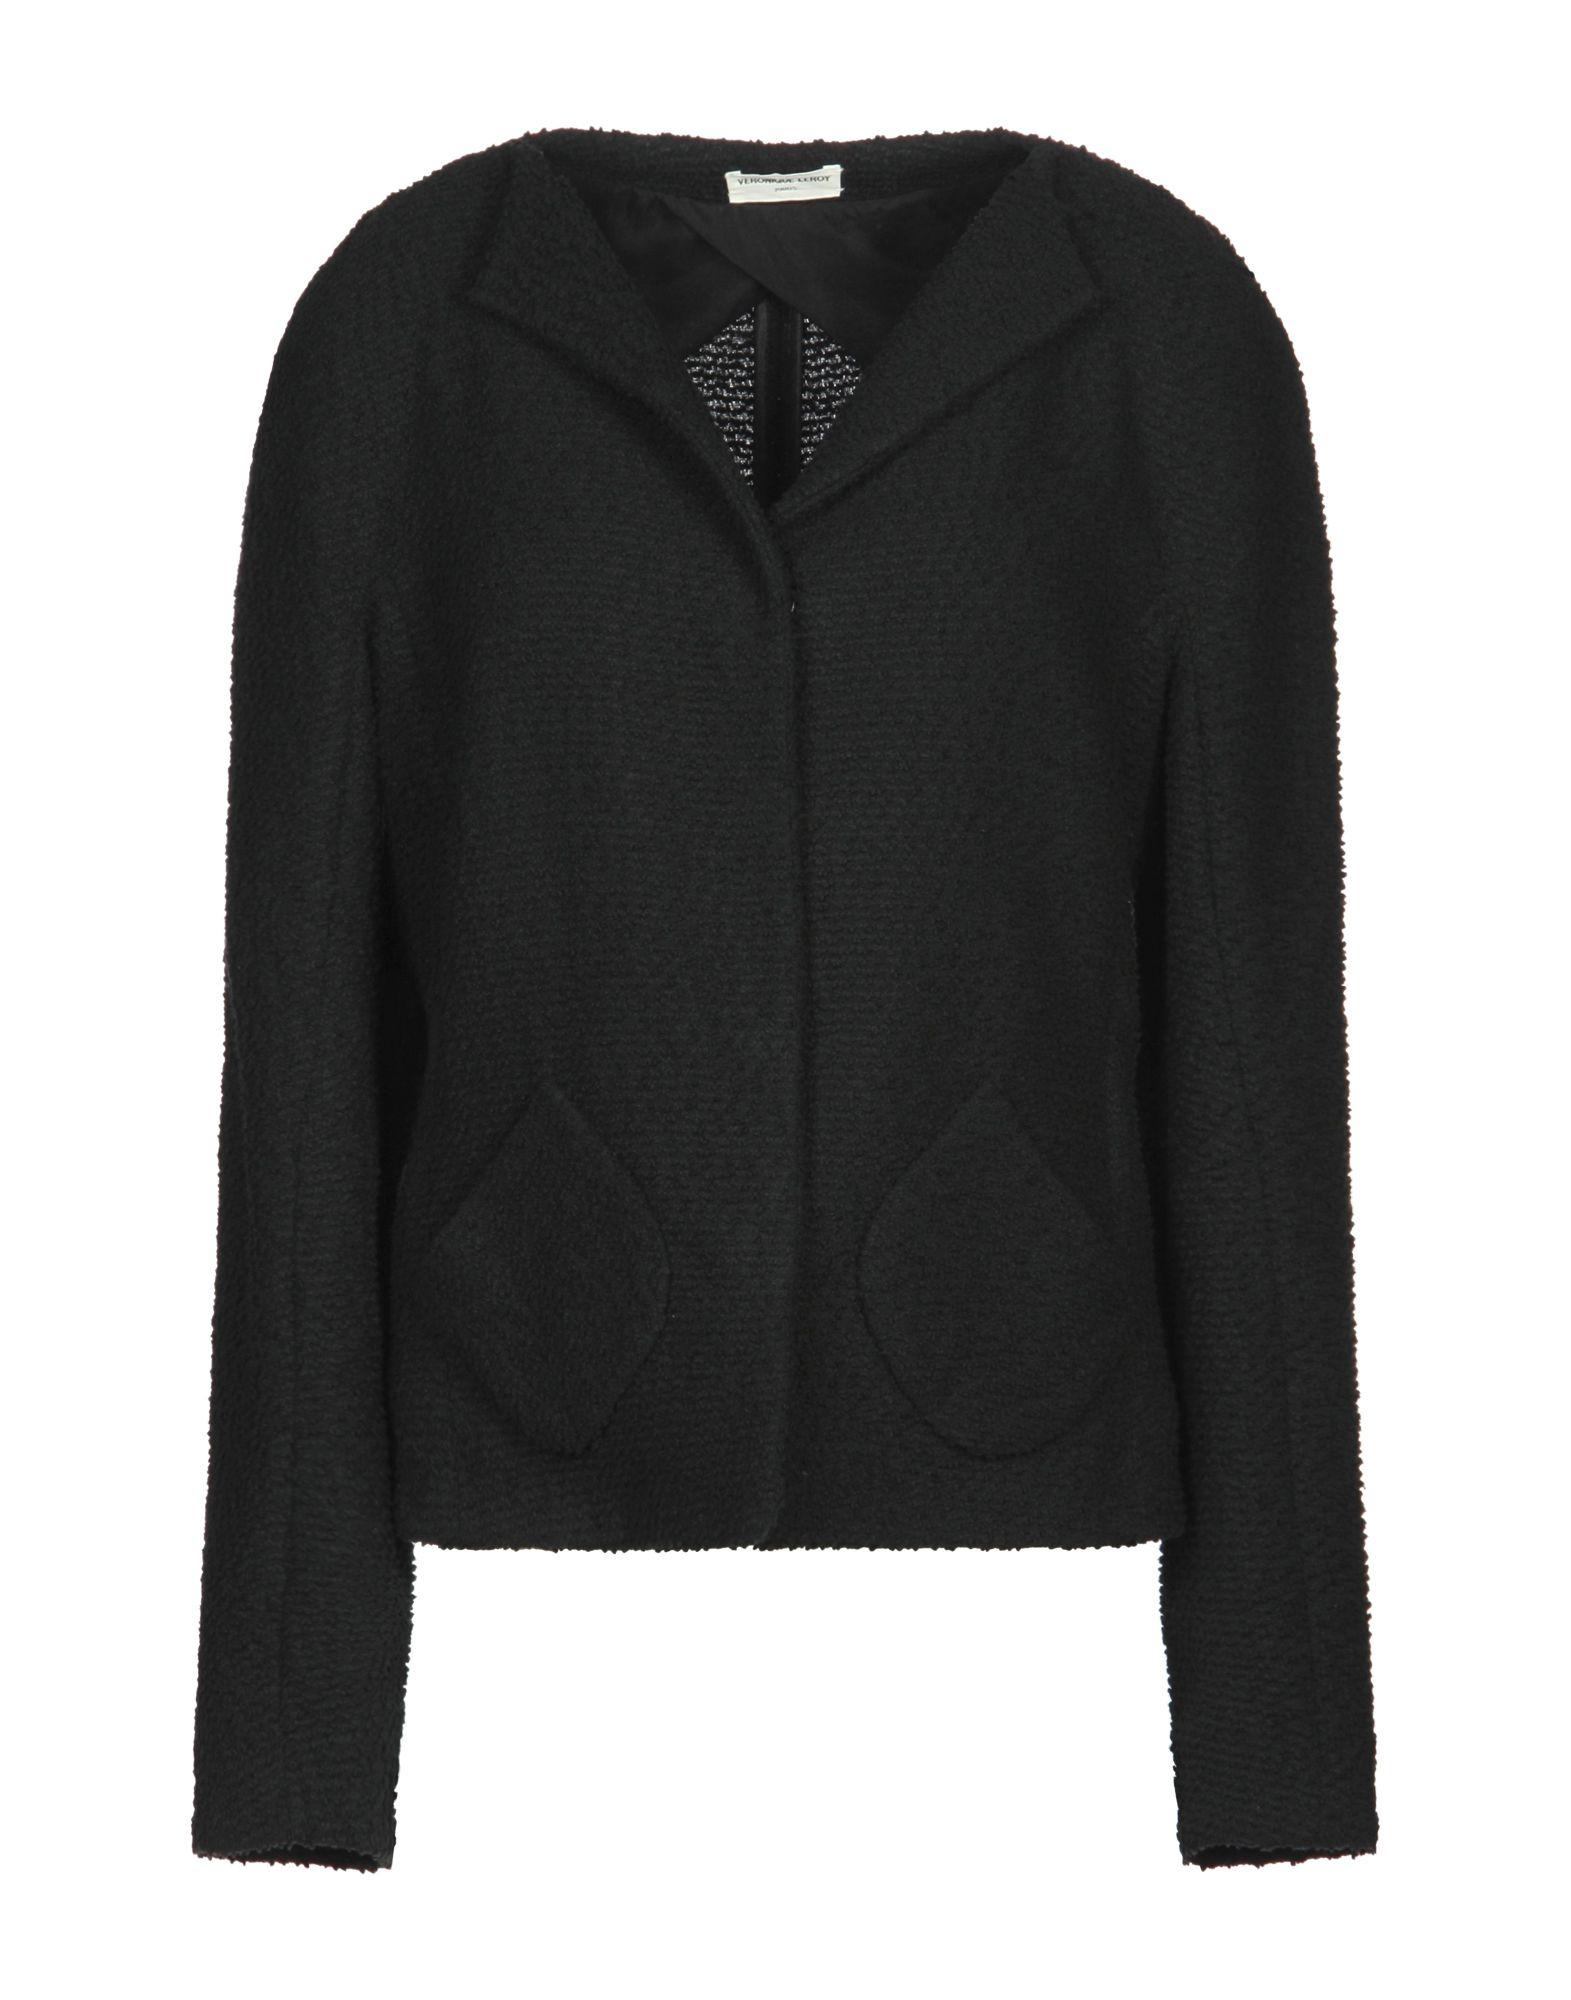 VERONIQUE LEROY Blazers in Black